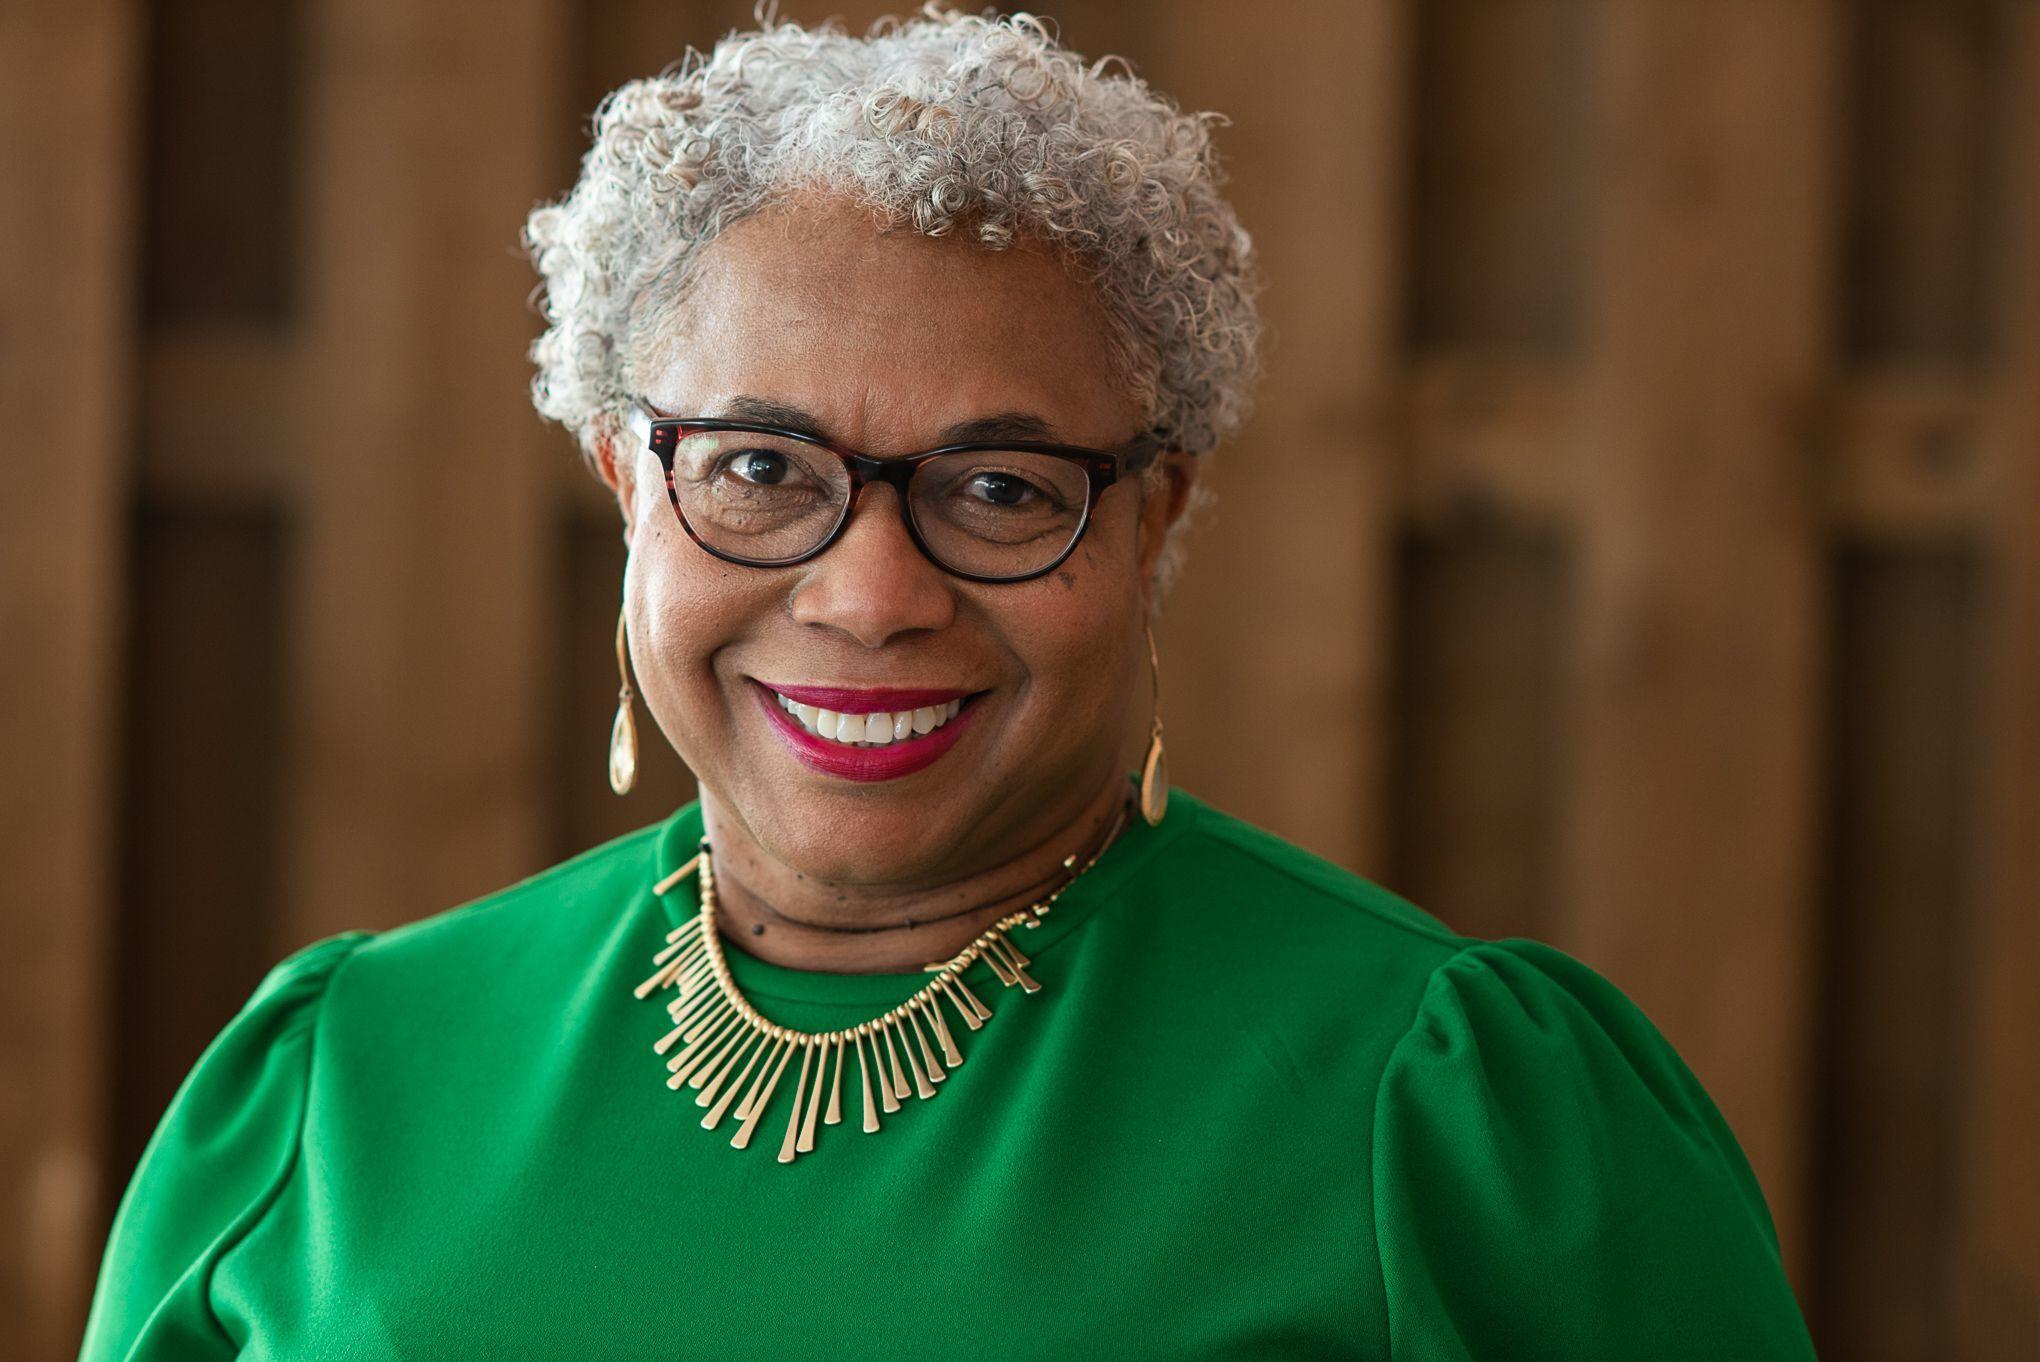 Patricia Maynard, LPC-MHSP, NCC